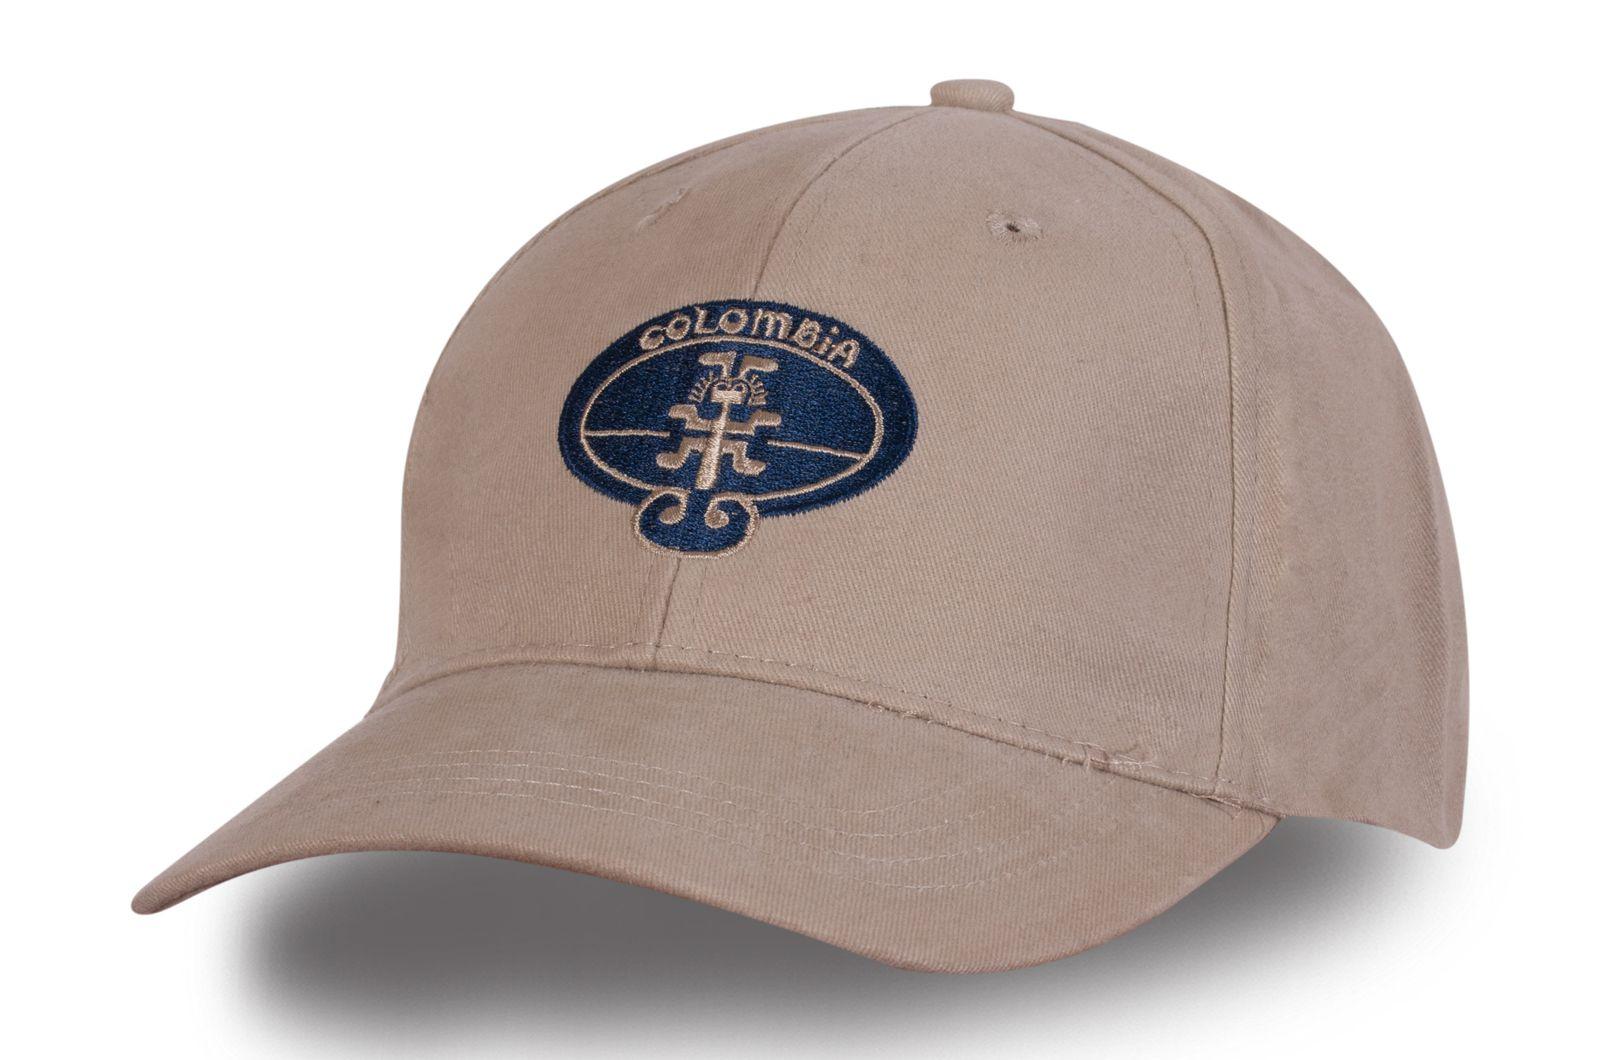 Бейсболка бежевая - купить в интернет-магазине с доставкой